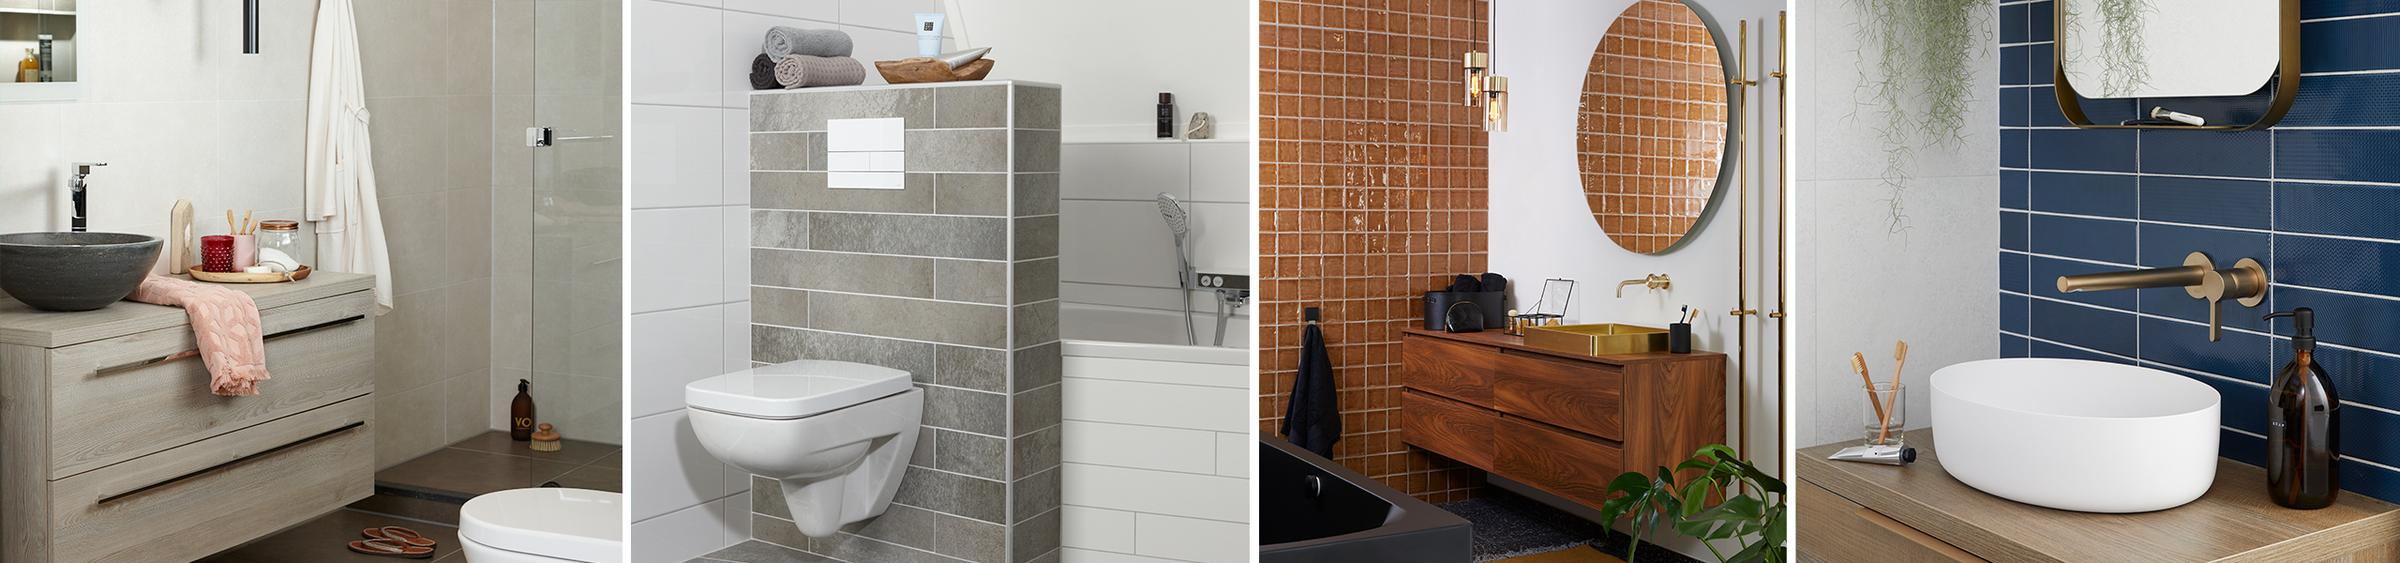 5 kleine badkamer voorbeelden - 5 kleine badkamer voorbeelden